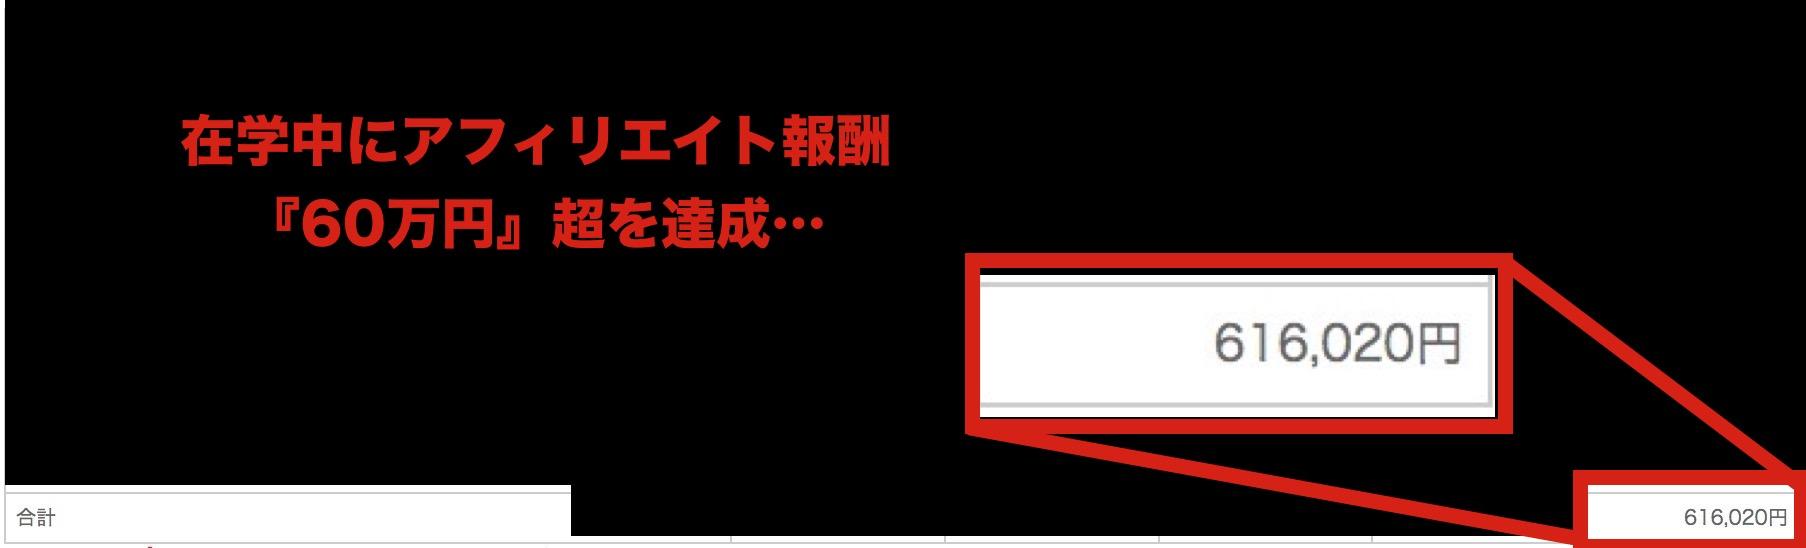 (毎月60万円を超えるアフィリエイト報酬を達成‥)